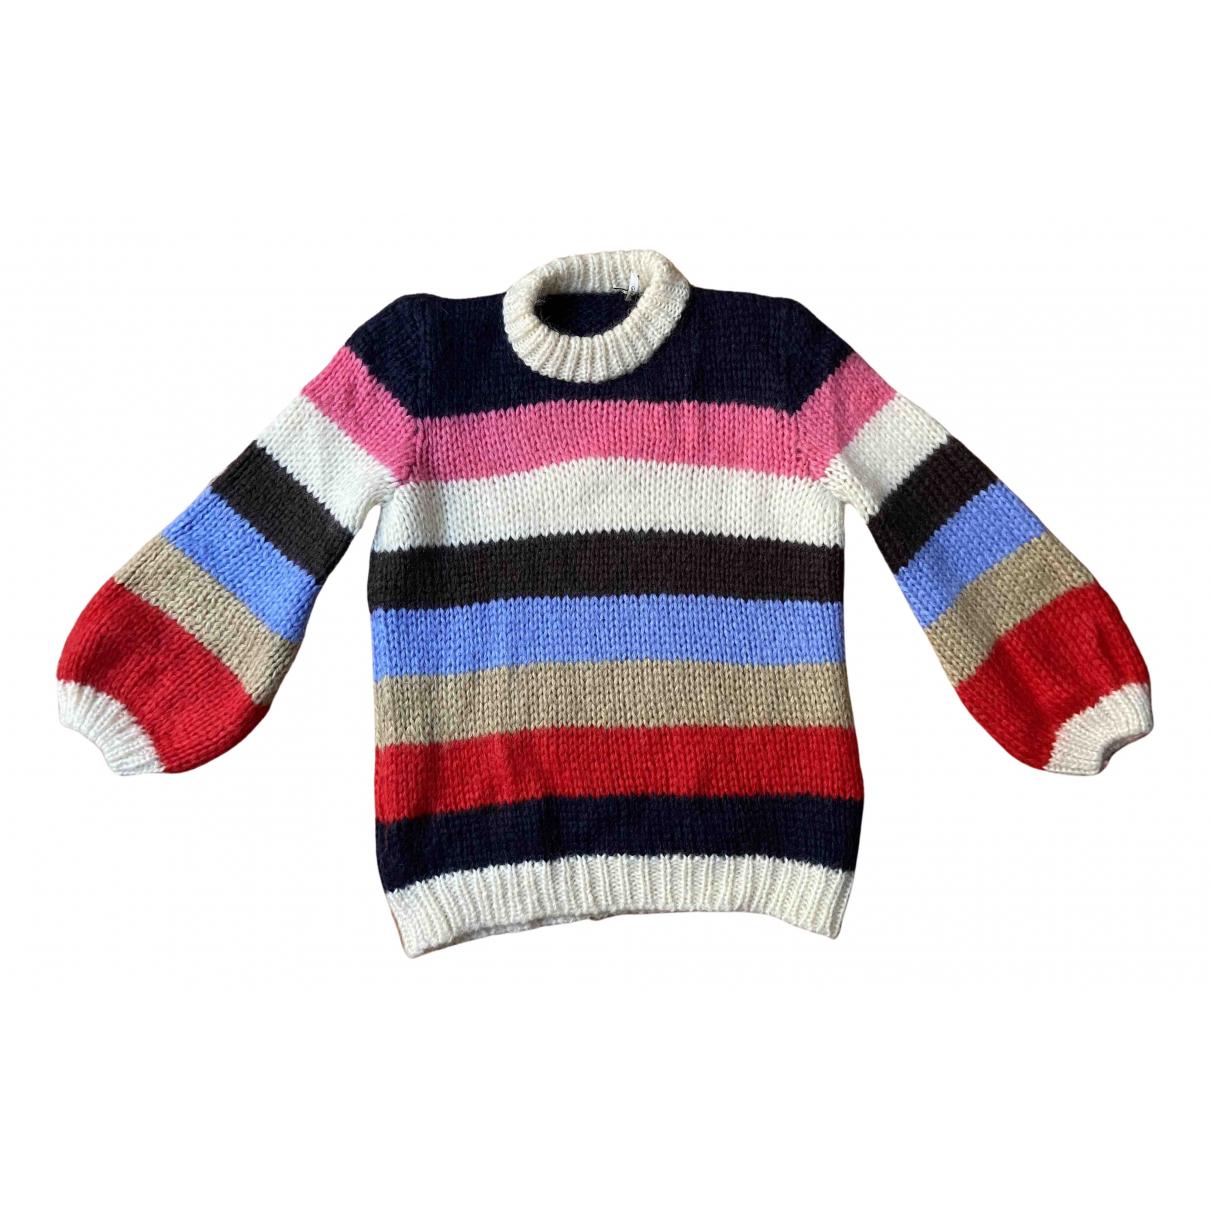 Ganni Fall Winter 2019 Multicolour Wool Knitwear for Women 40 FR